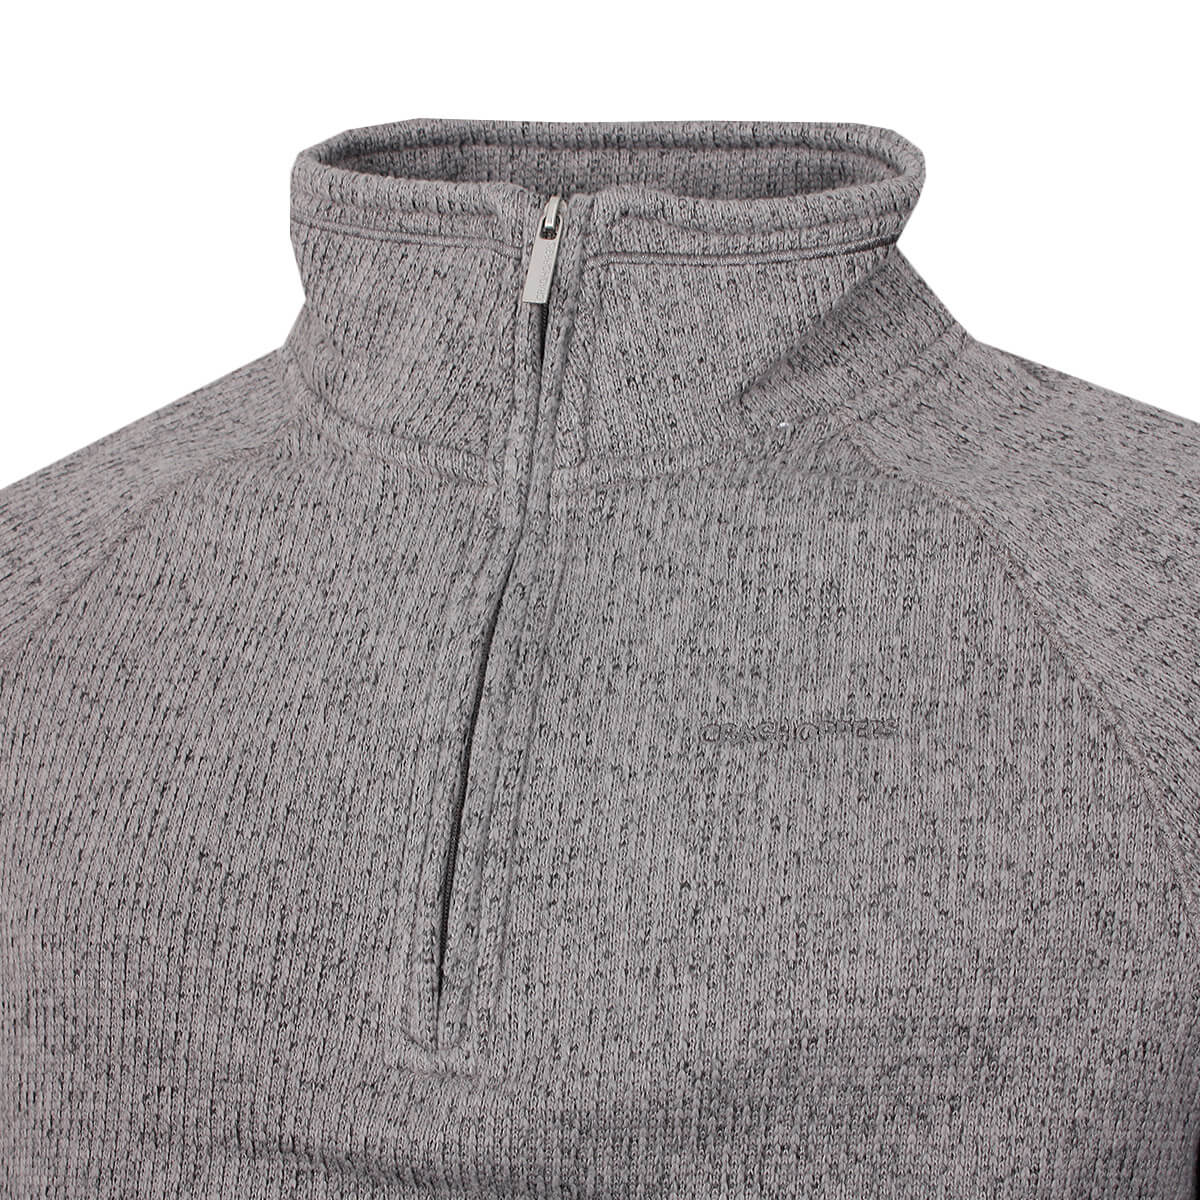 Craghoppers-Mens-Norton-Half-Zip-Fleece-Outdoor-Sweater-Pullover-60-OFF-RRP thumbnail 8